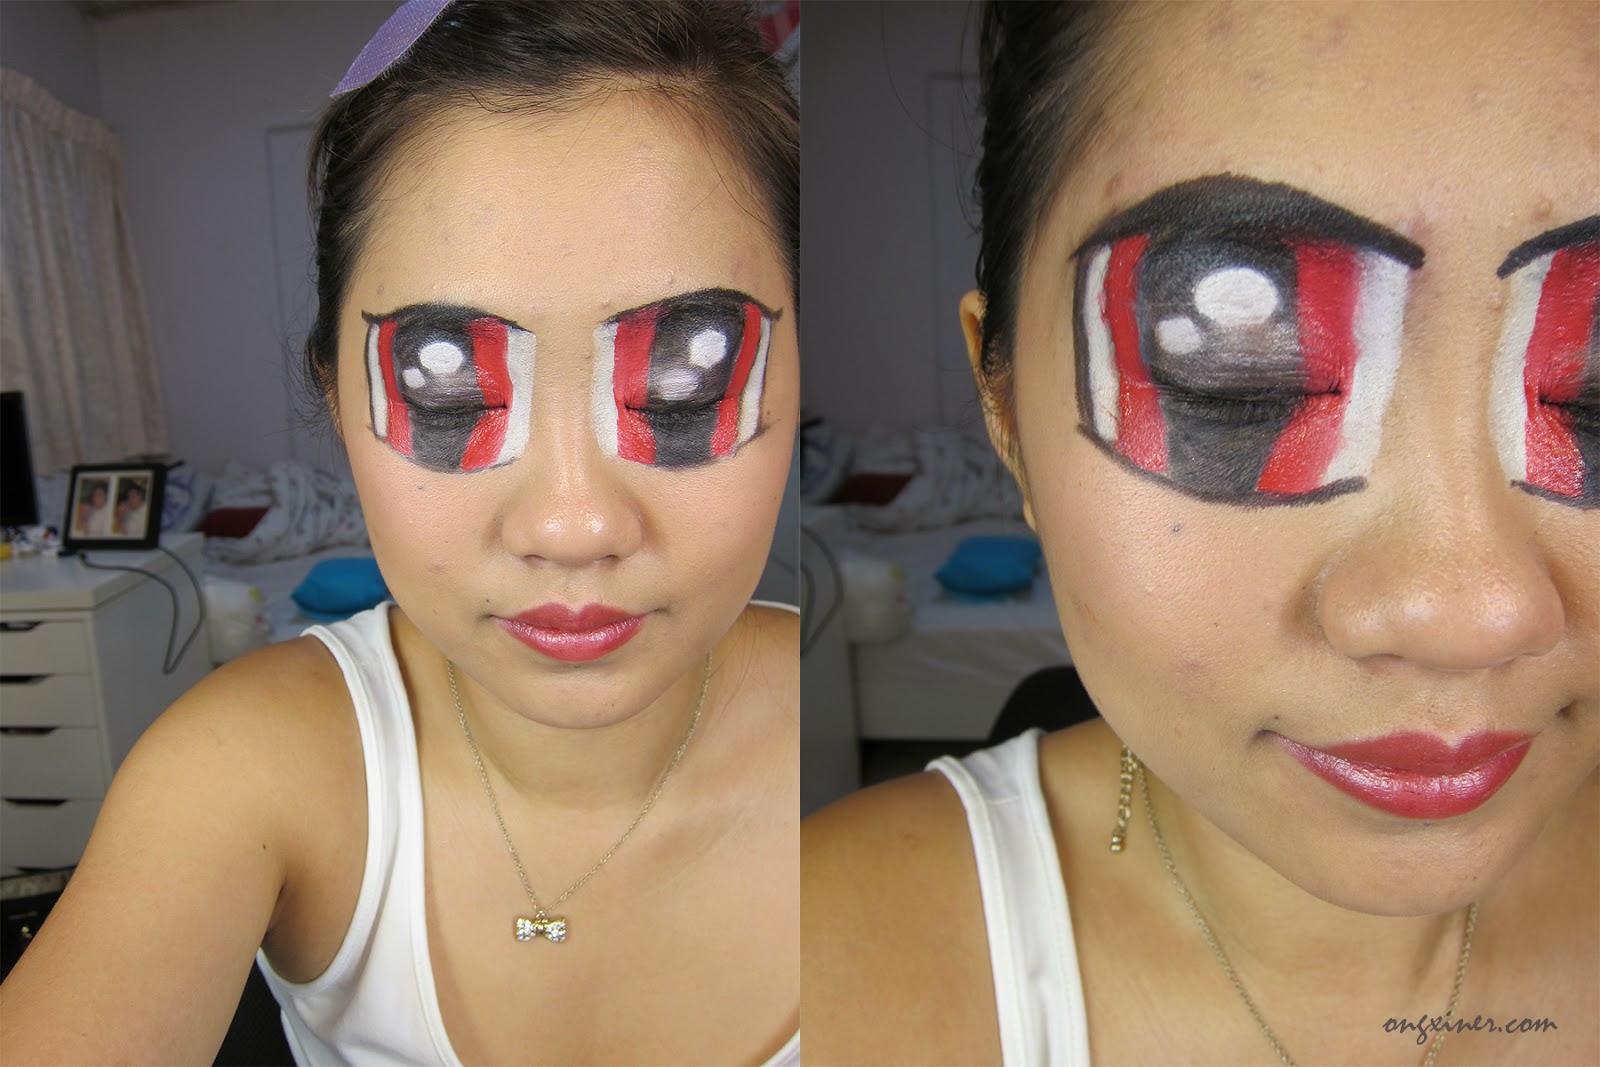 Powerpuff girls makeup